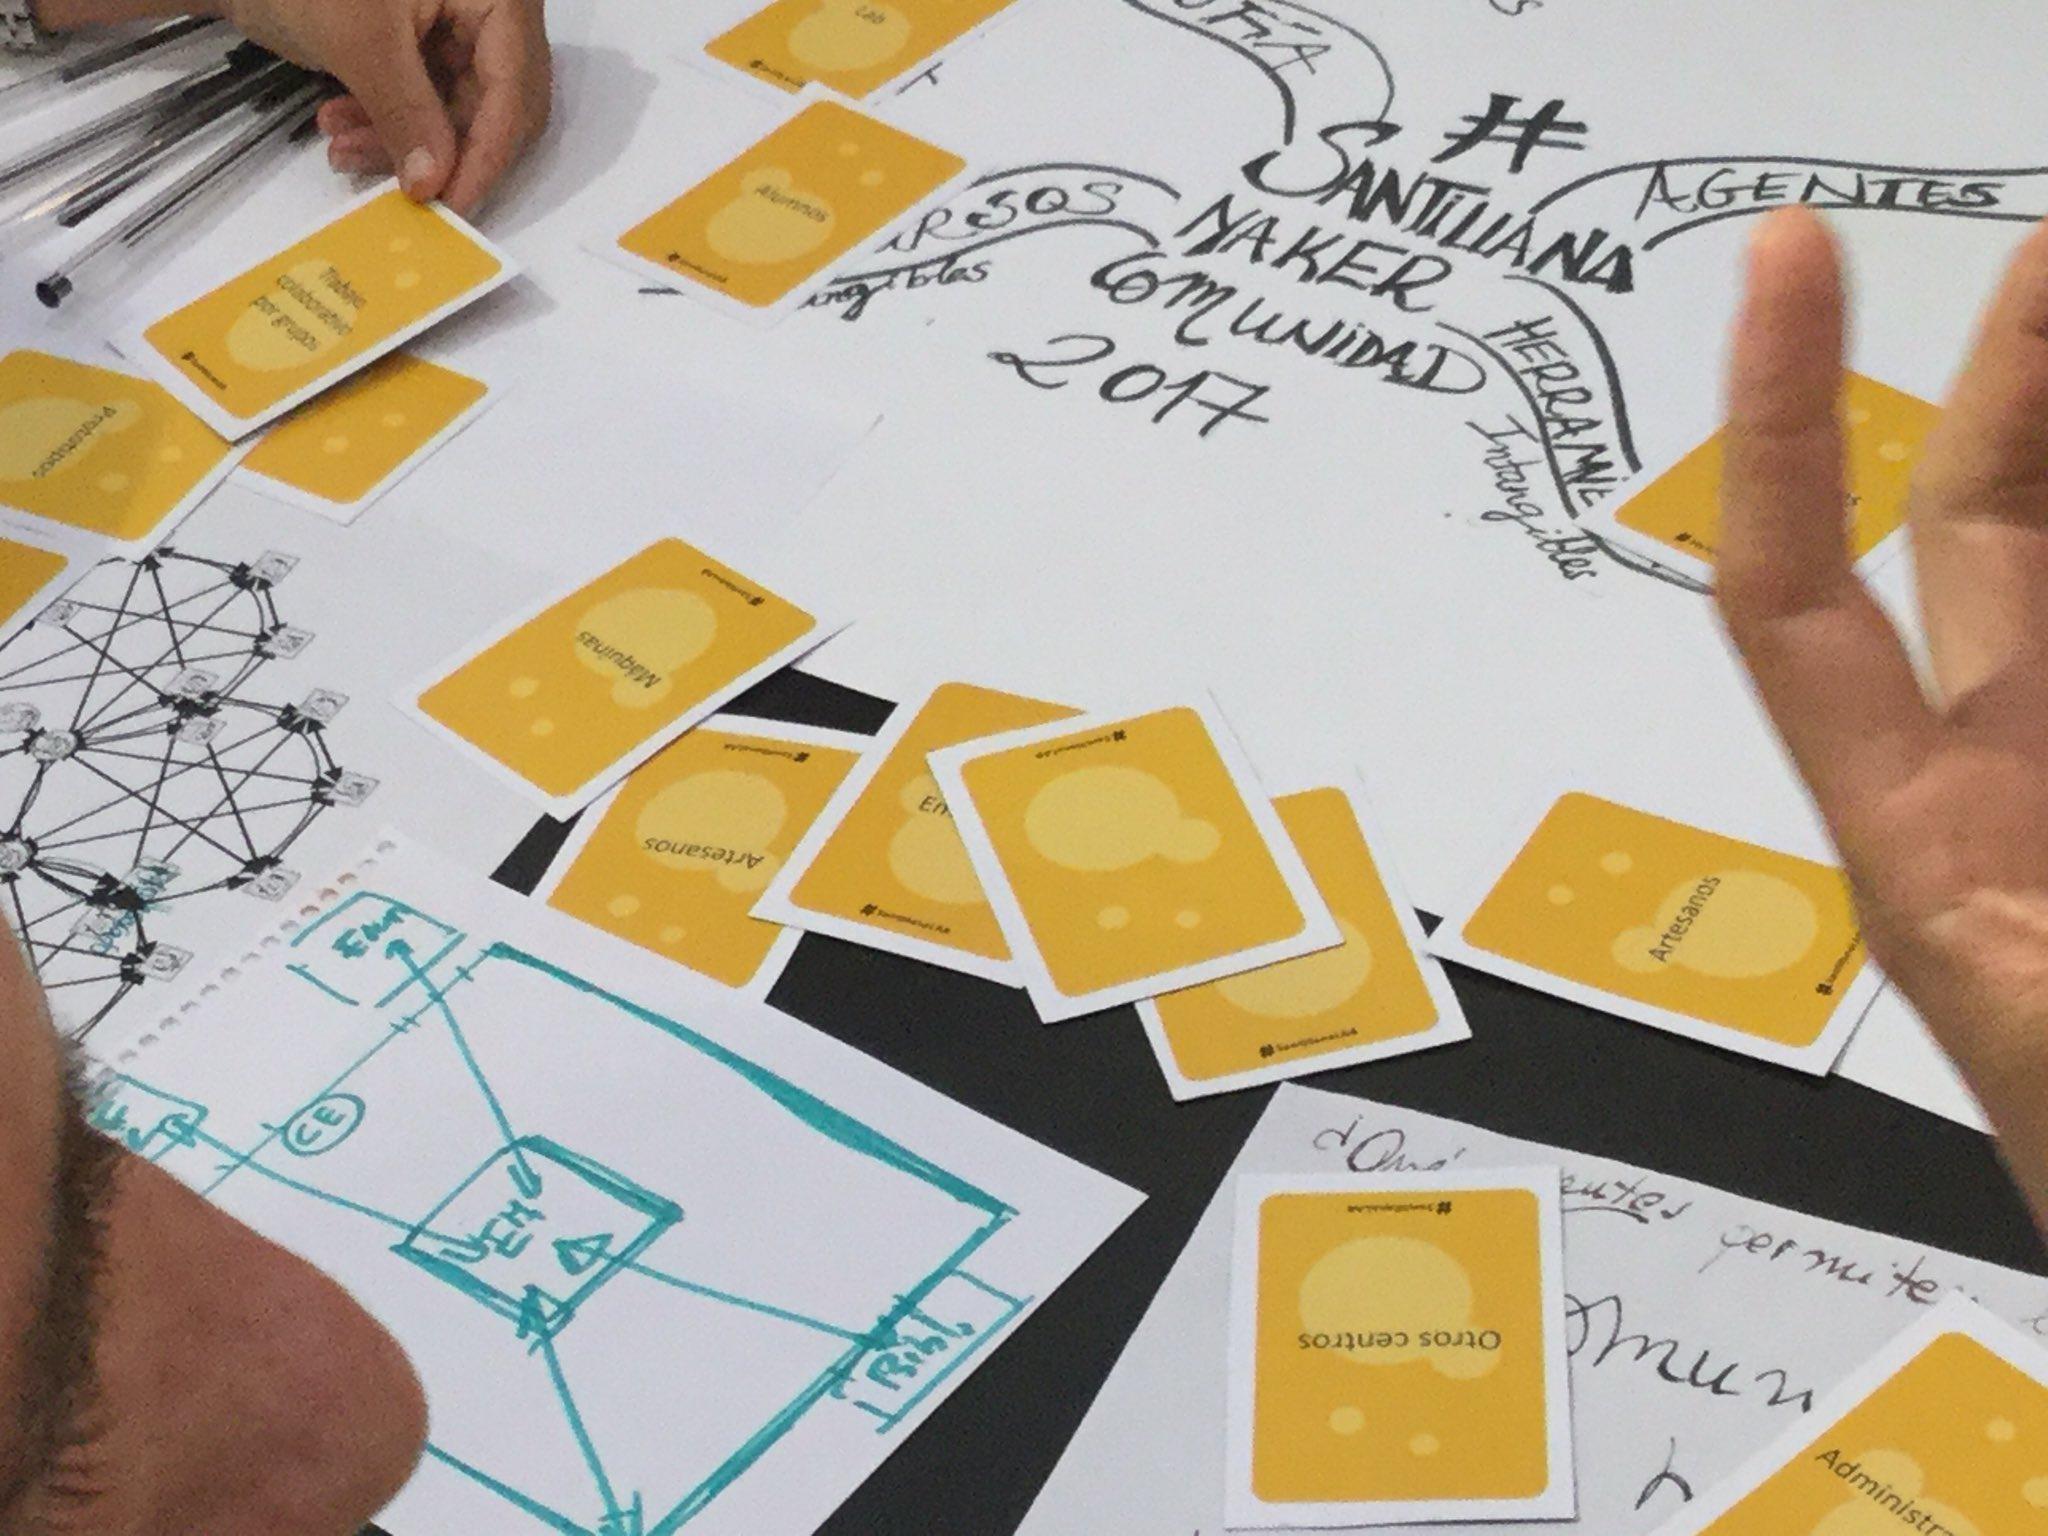 """""""El #espaciomaker lo hace nada por sí mismo. Lo hacen los #makers"""" #santillanaLAB https://t.co/STDASJwpFV"""